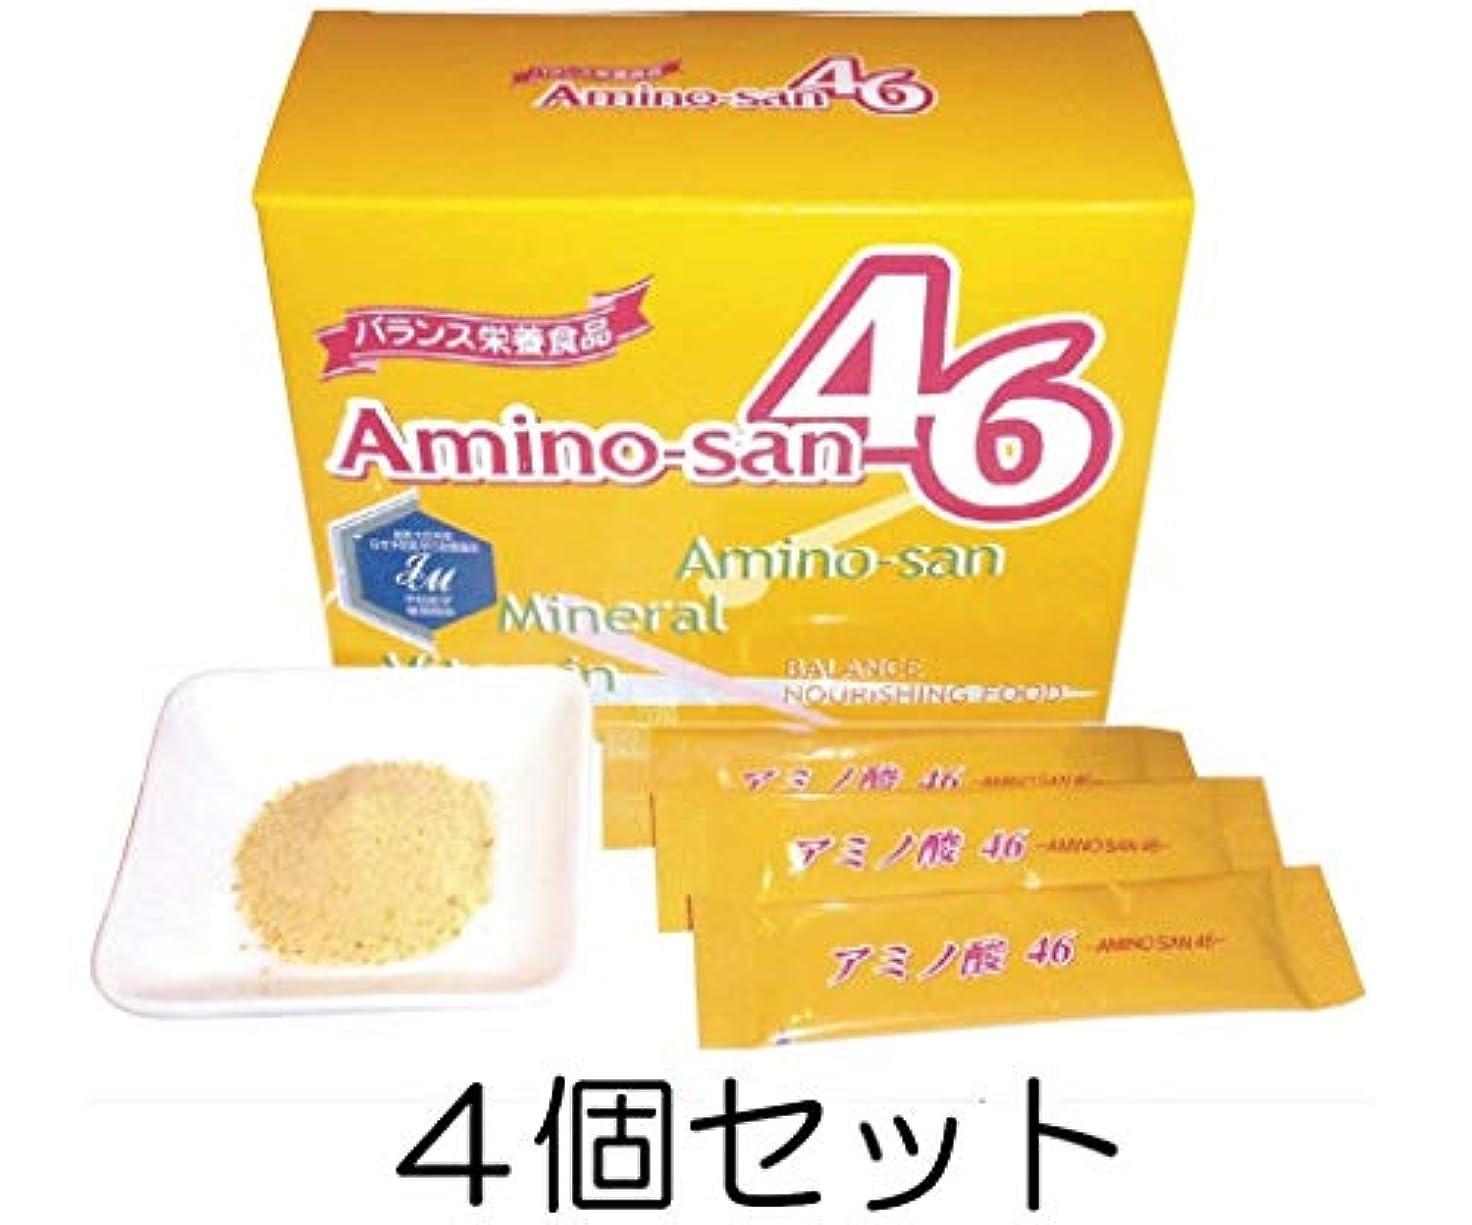 軌道見積りダンス【 アミノ酸46 (3g×60本?1か月分)×4箱セット】ポーレン(蜂蜜花粉)含有 サプリメント